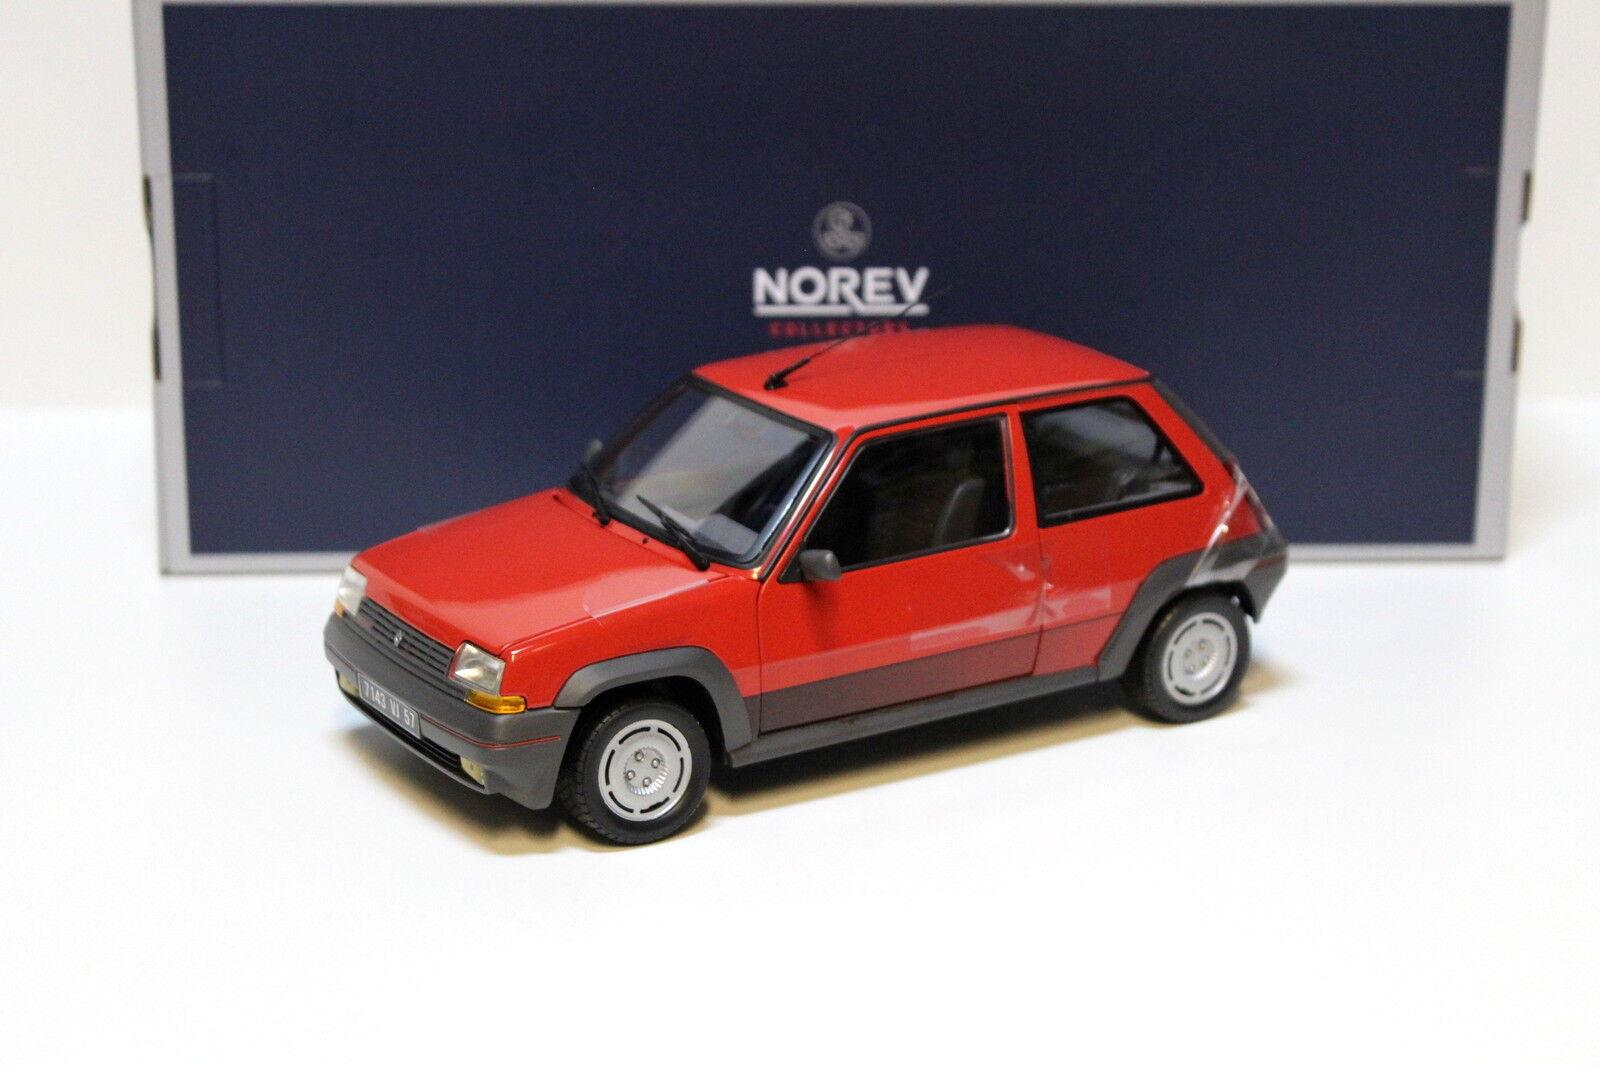 Des chaussures personnalisées vous  ent de la personnalité 1:18 Norev Renault Supercinq GT Turbo 1989-Red New chez Premium-modelcars   Outlet Online